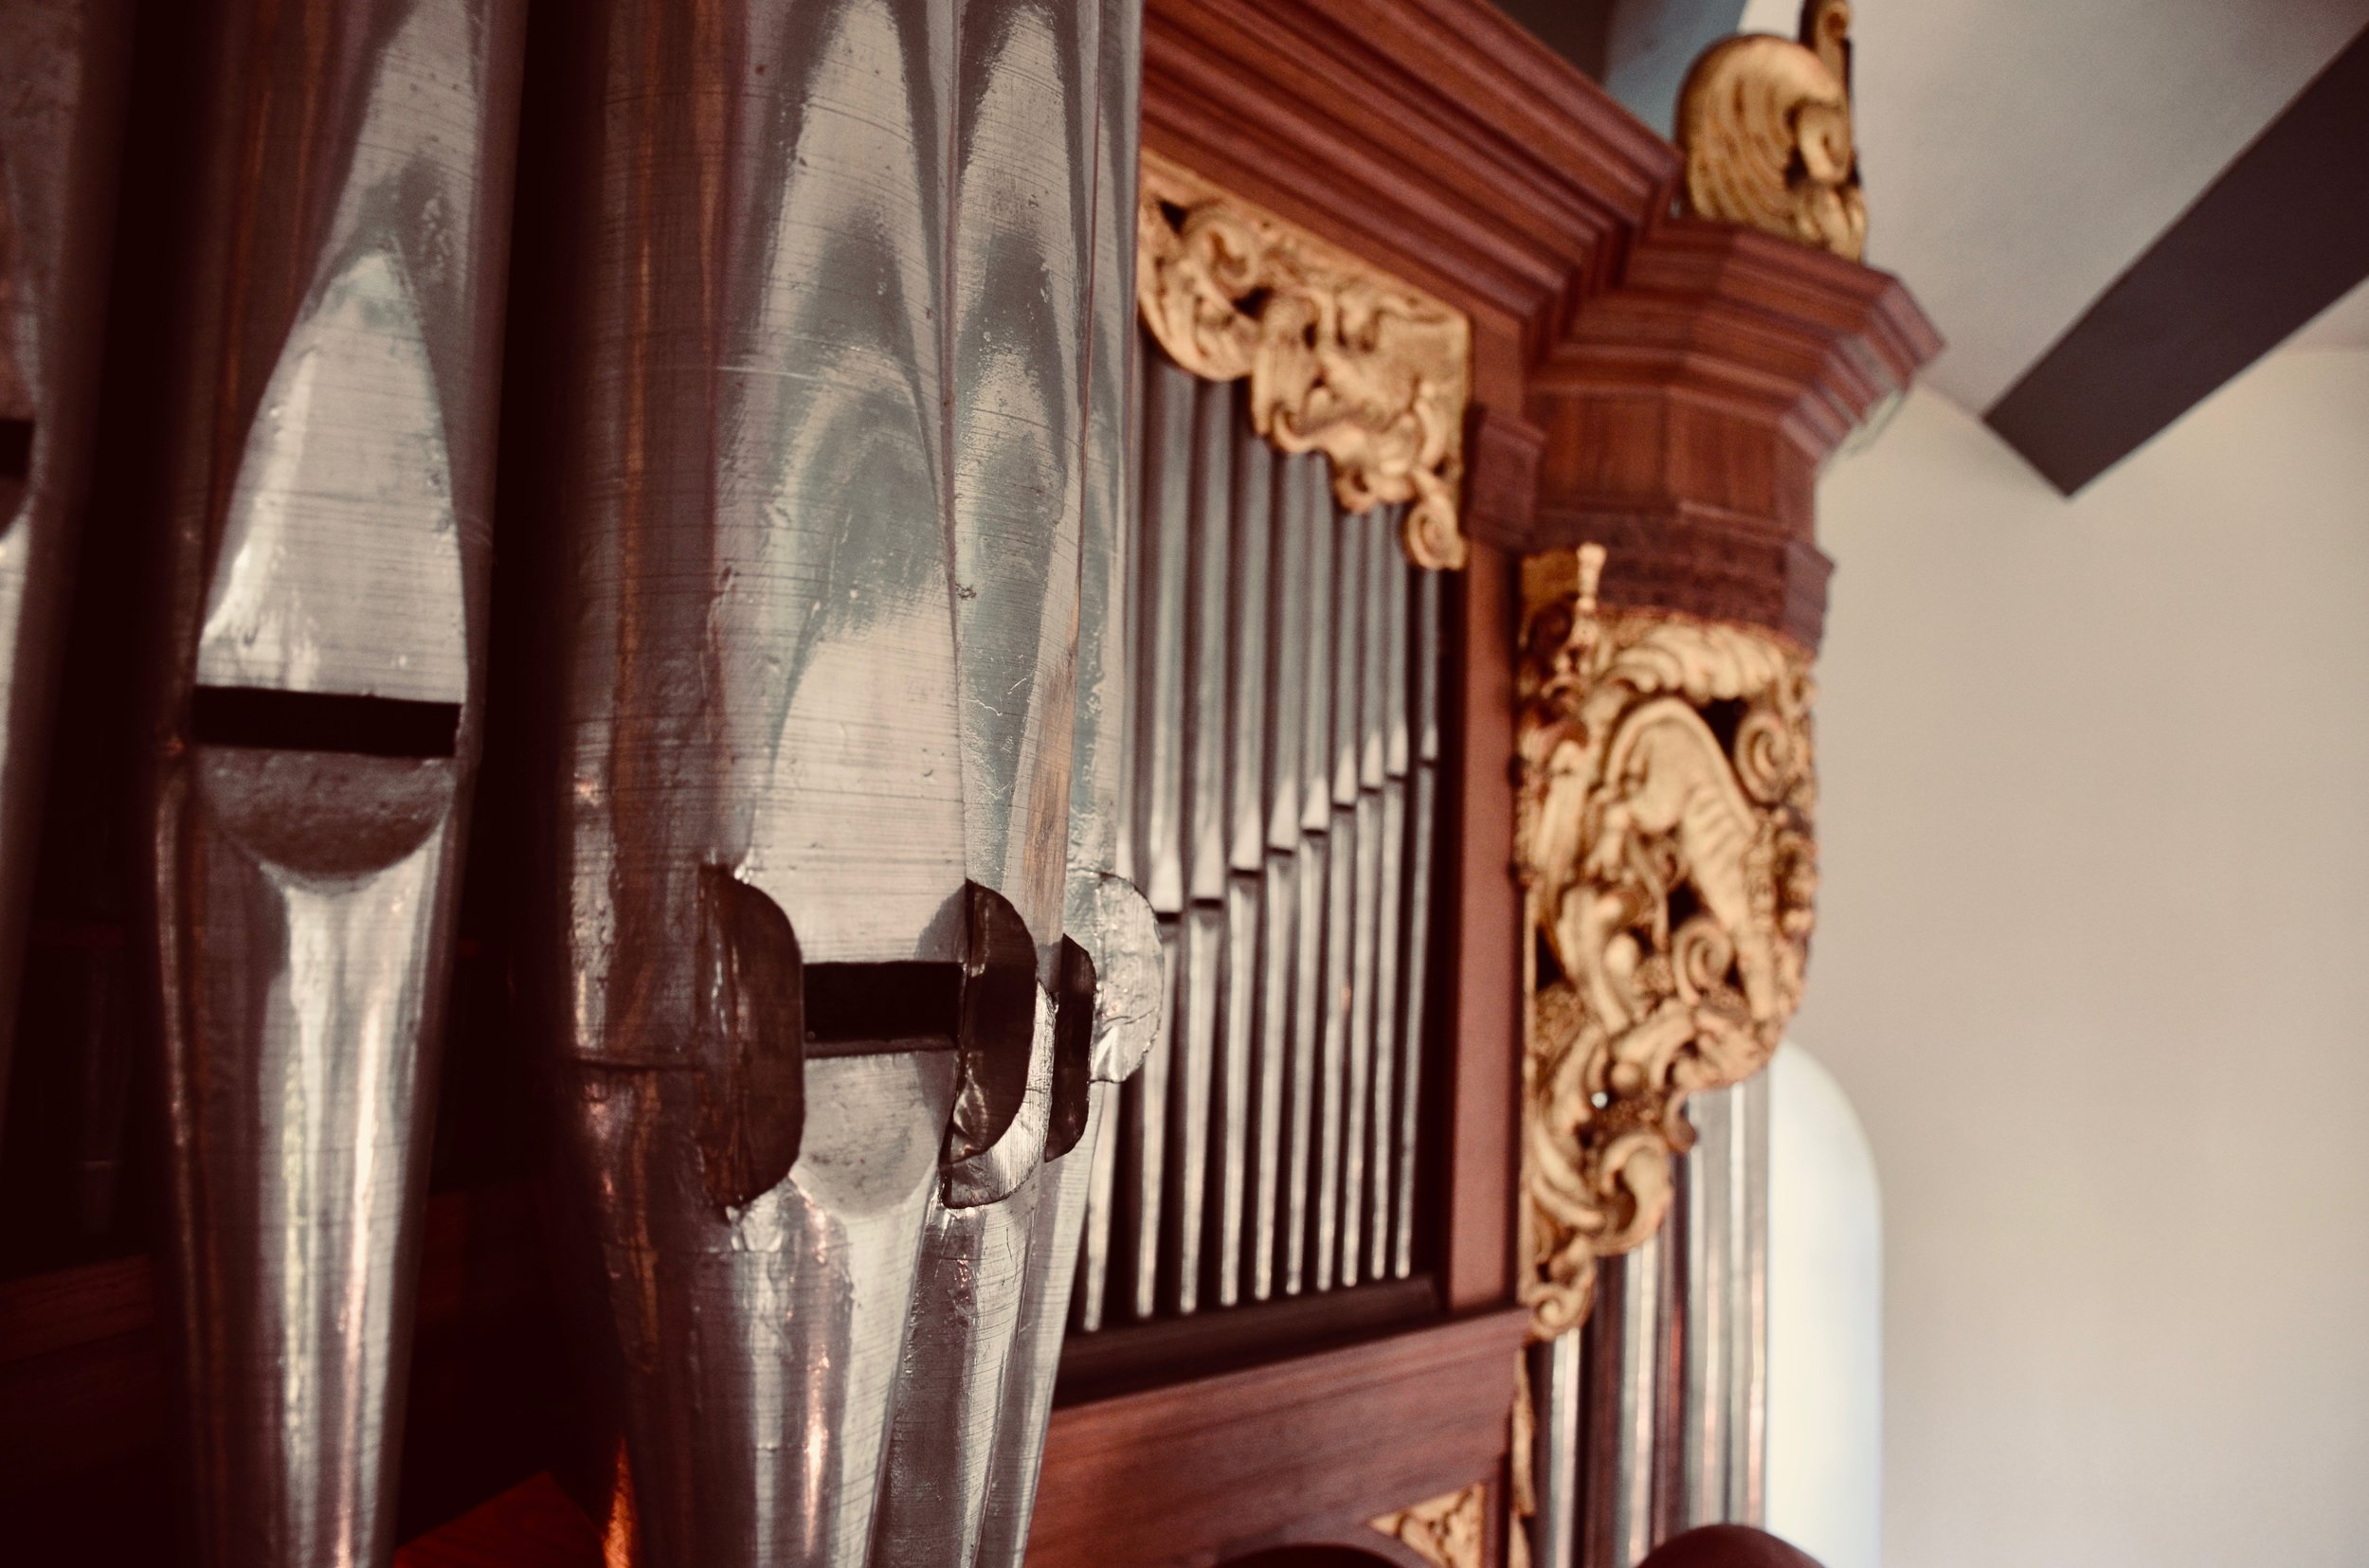 Pipework detail, 1667 Huis organ, Kantens, Holland.